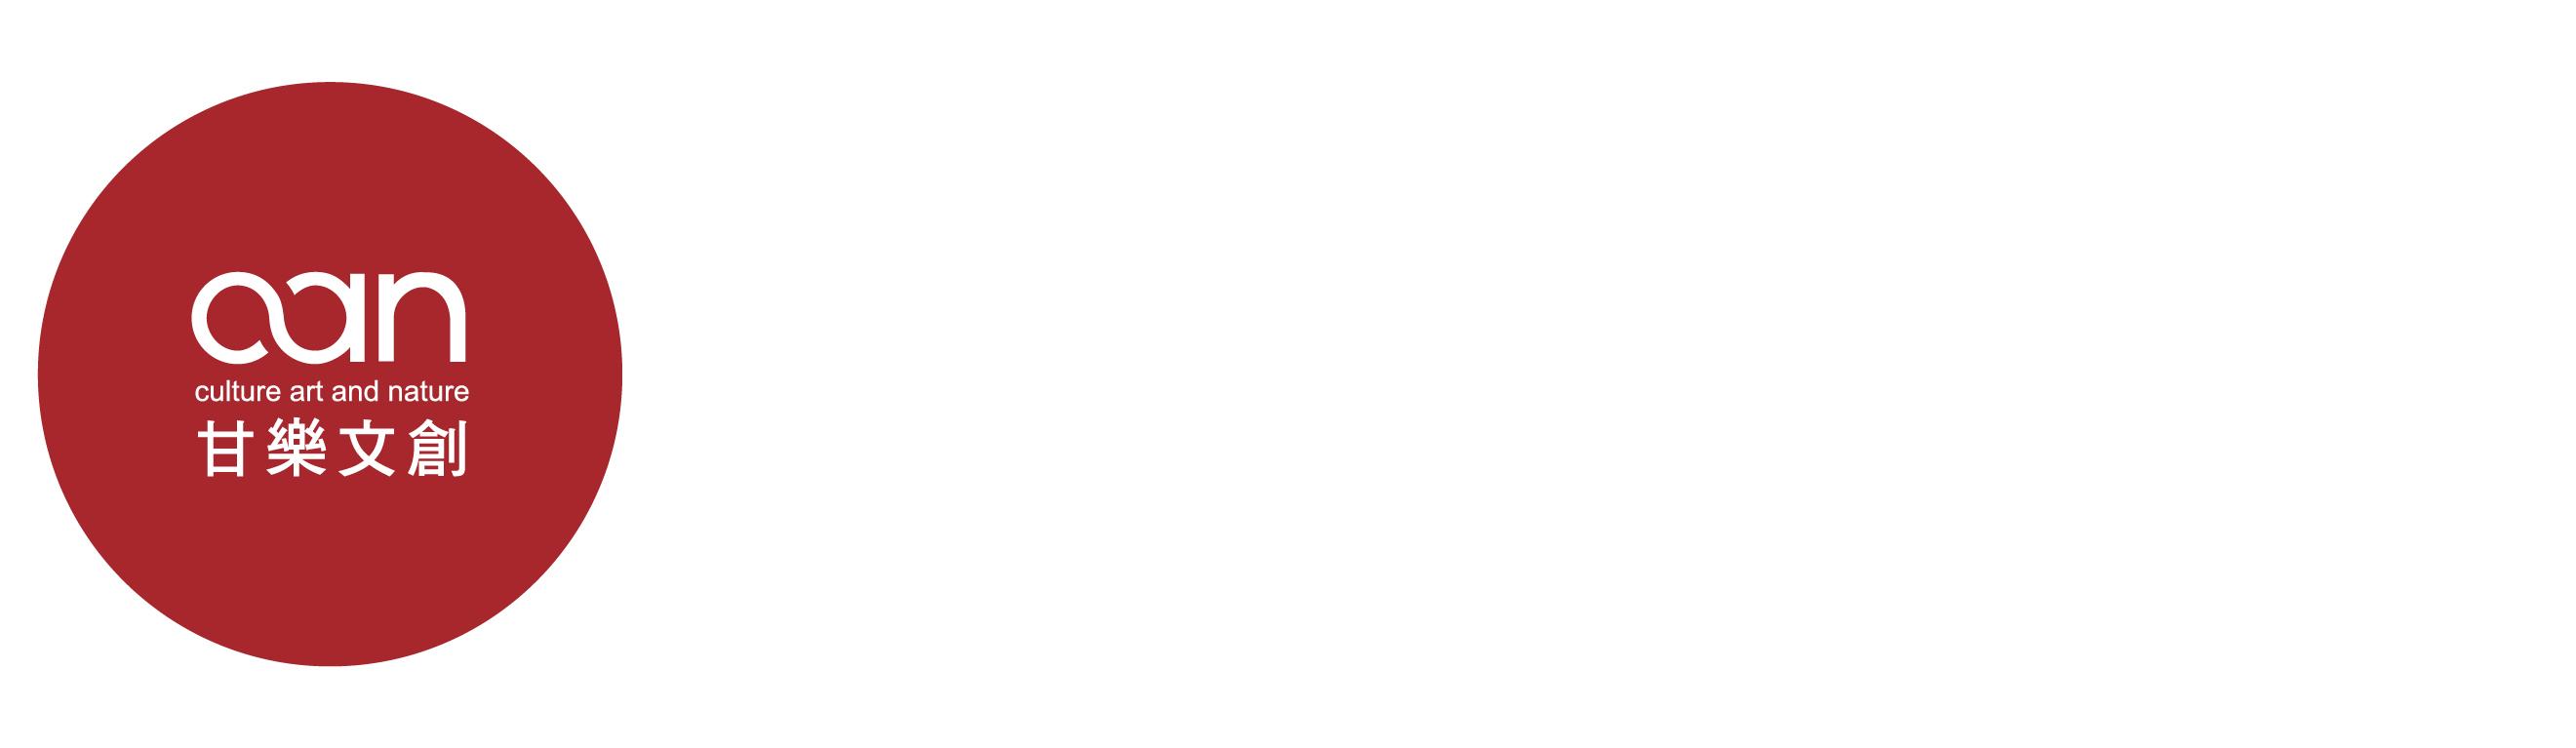 甘樂文創社創良品採購型錄_工作區域 1 複本 36.jpg